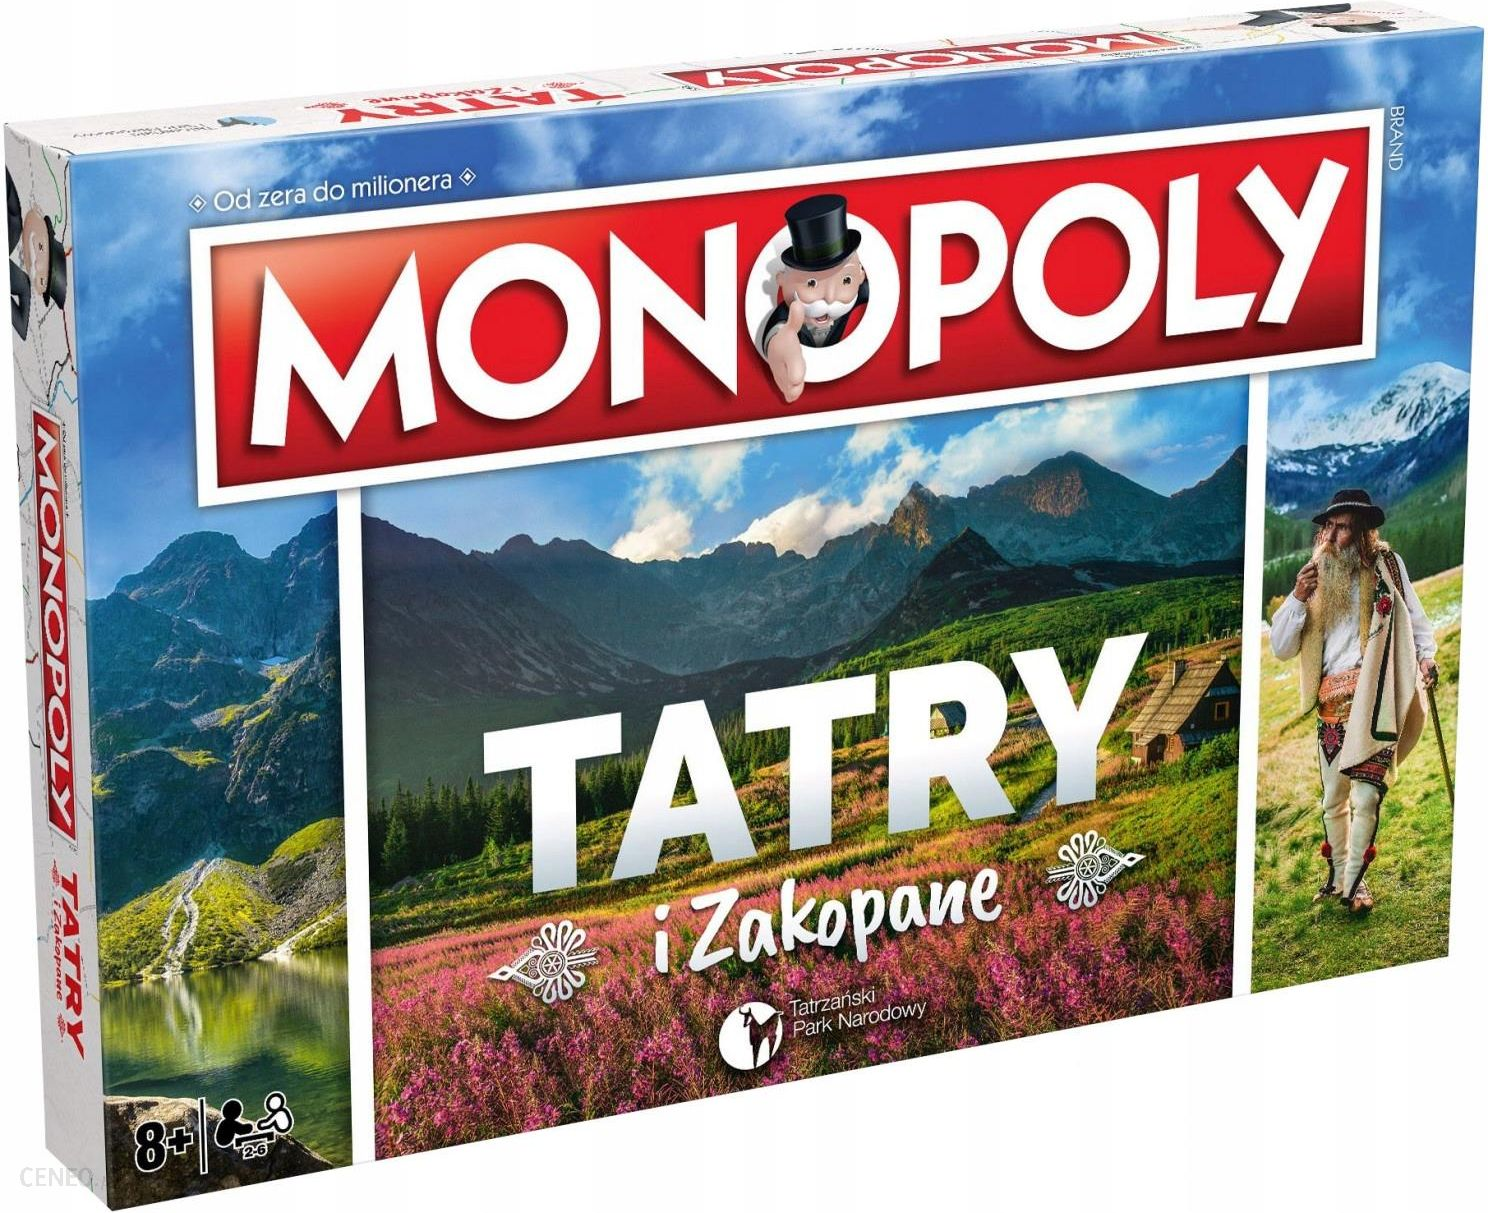 Monopoly Monopoly Tatry i Zakopane